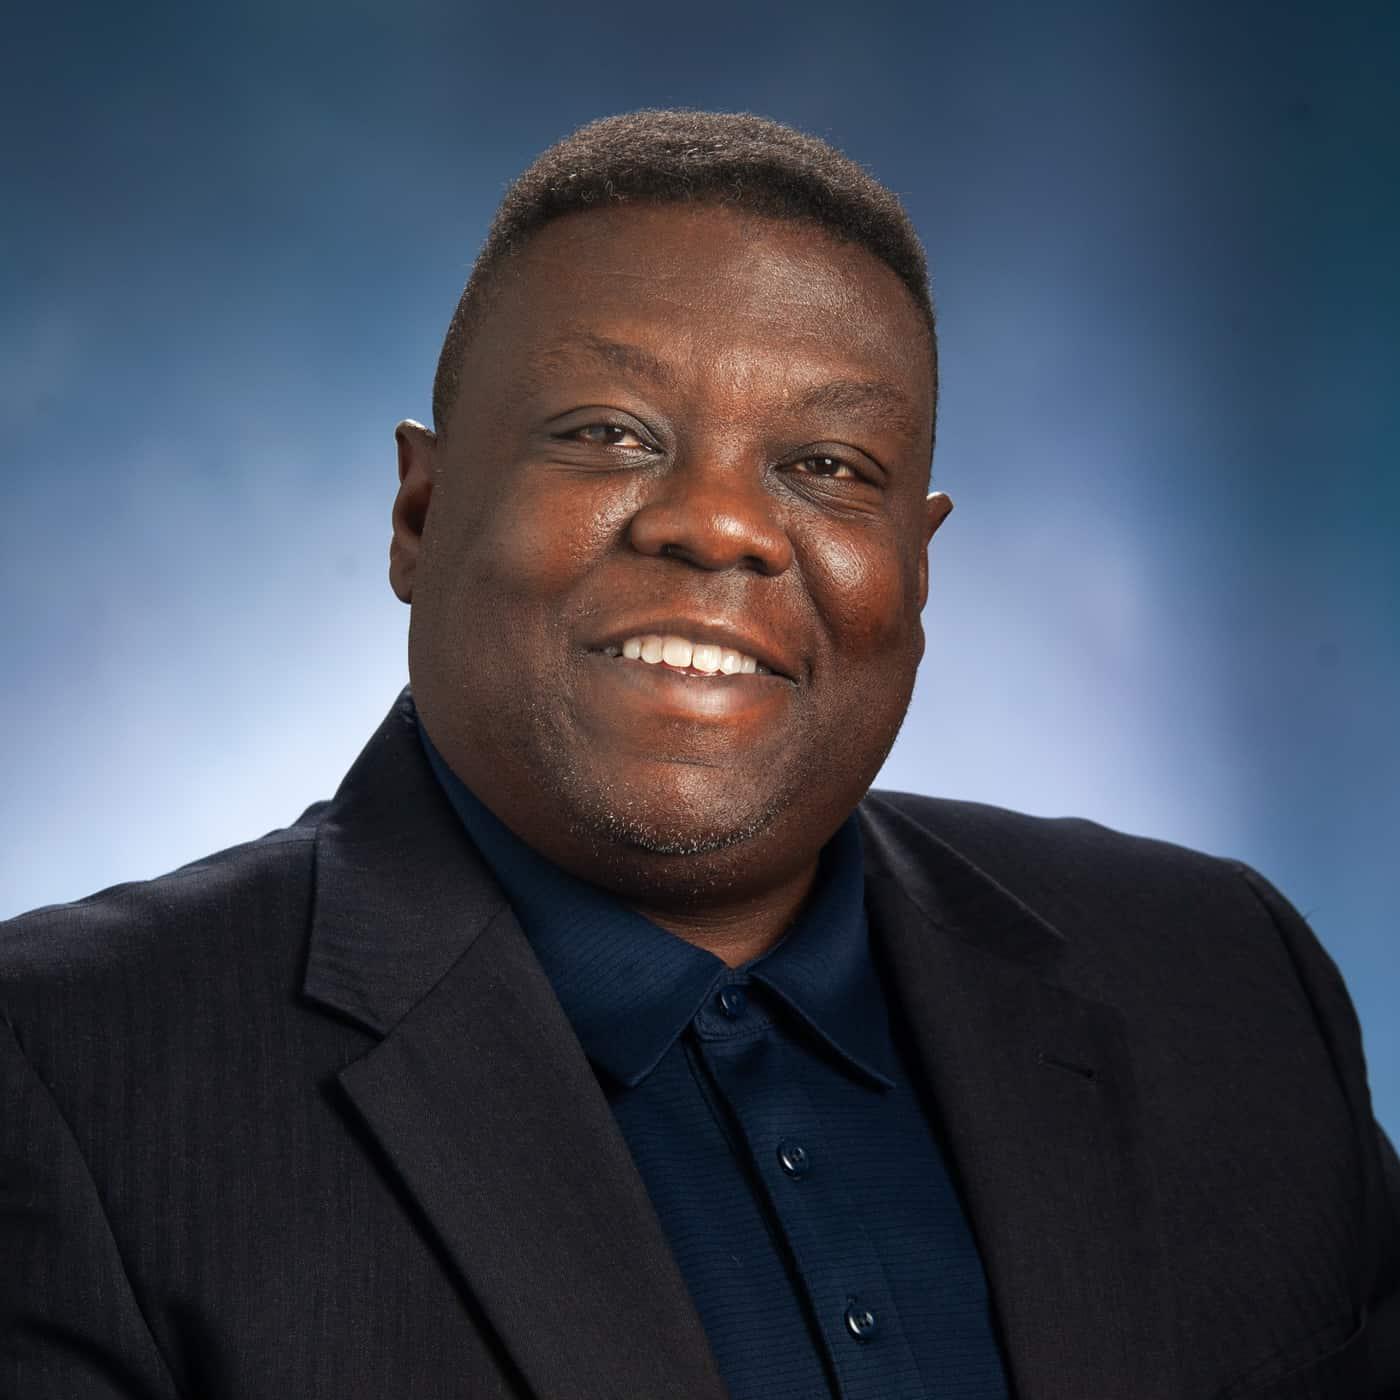 Dr. Nate Templeton